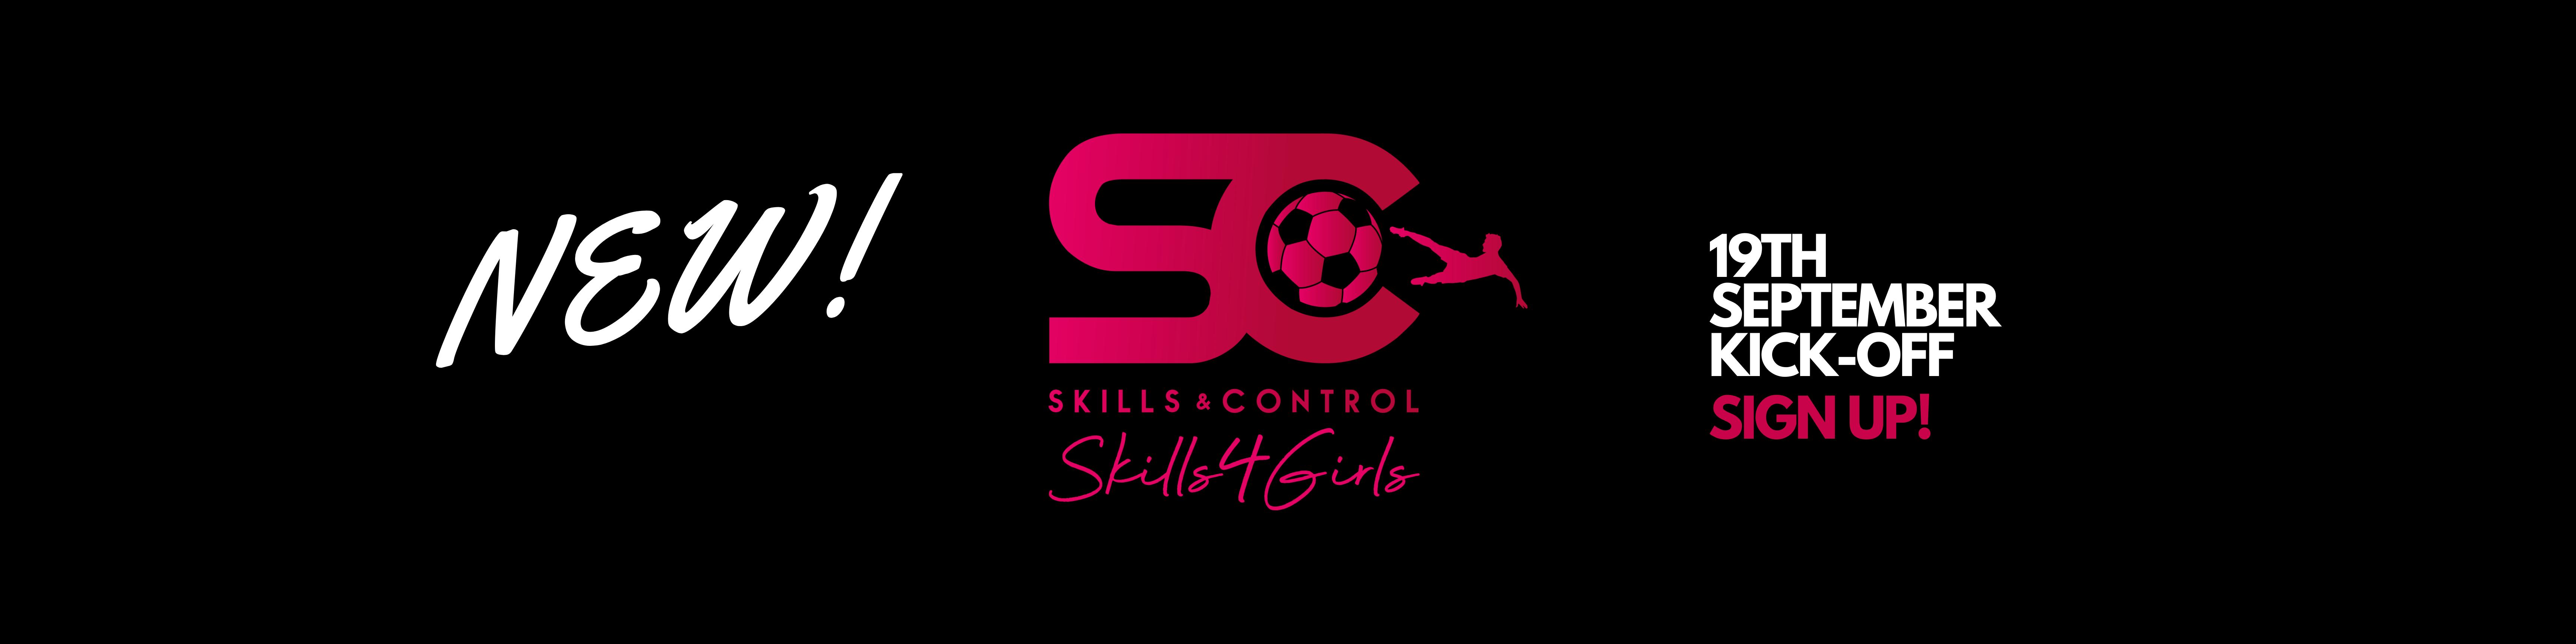 Skills4Girls Kick-Off